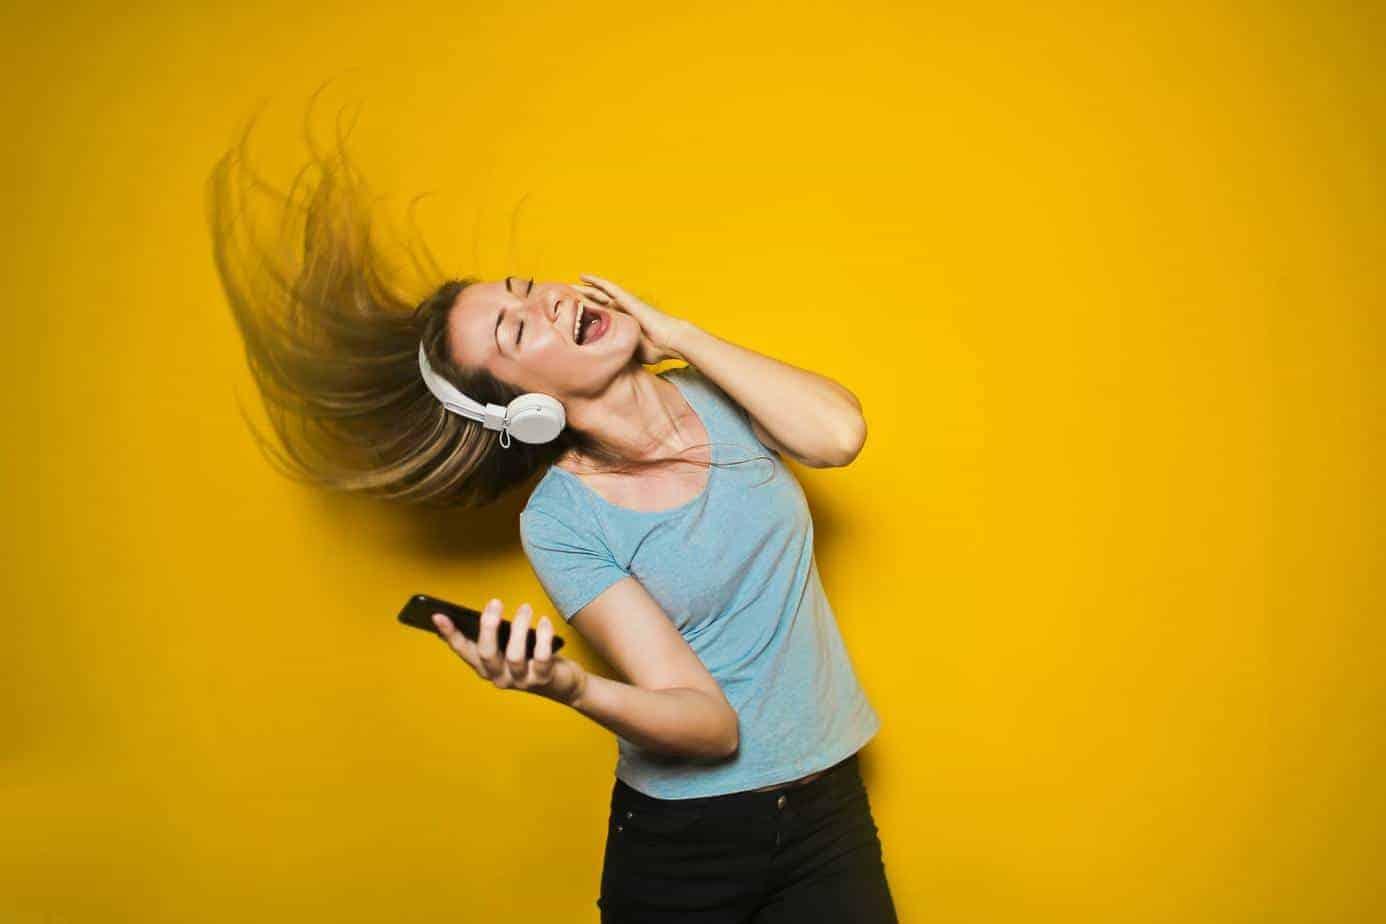 Girl rocking to music